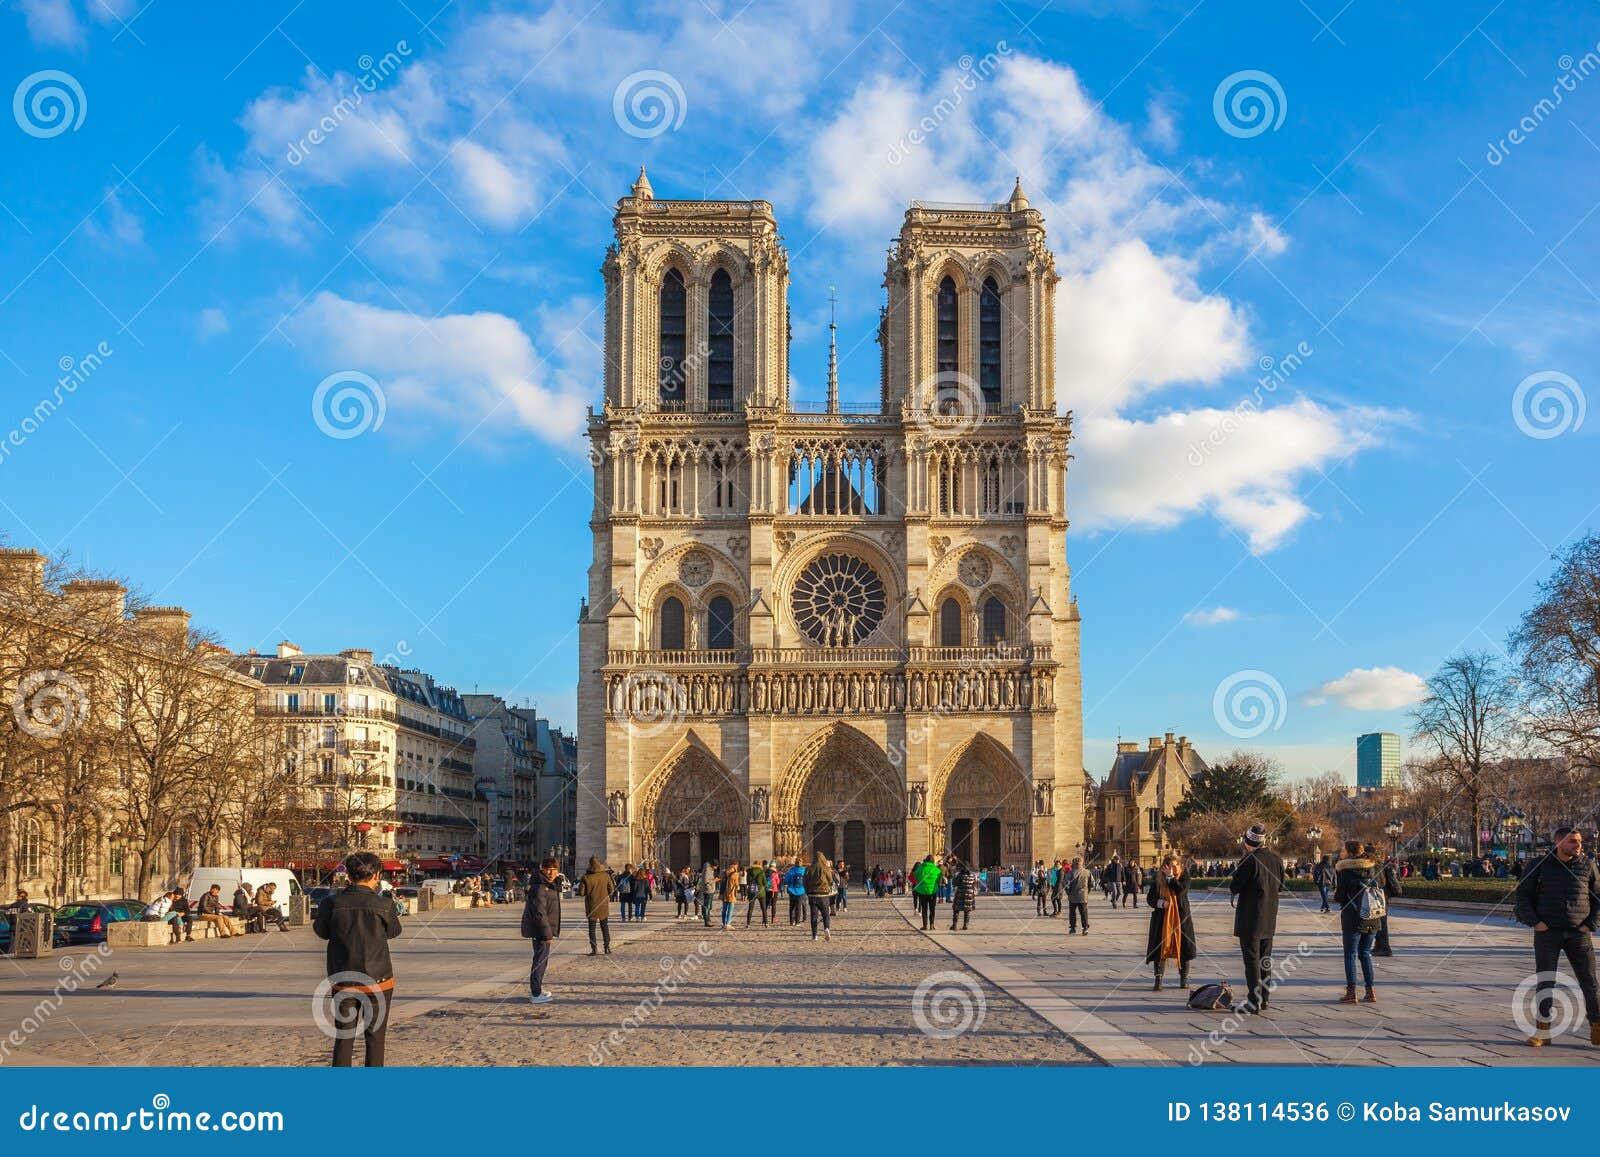 Paris, França - 18 01 2019: Opinião bonita Notre Dame de Paris, igreja medieval em Paris, França